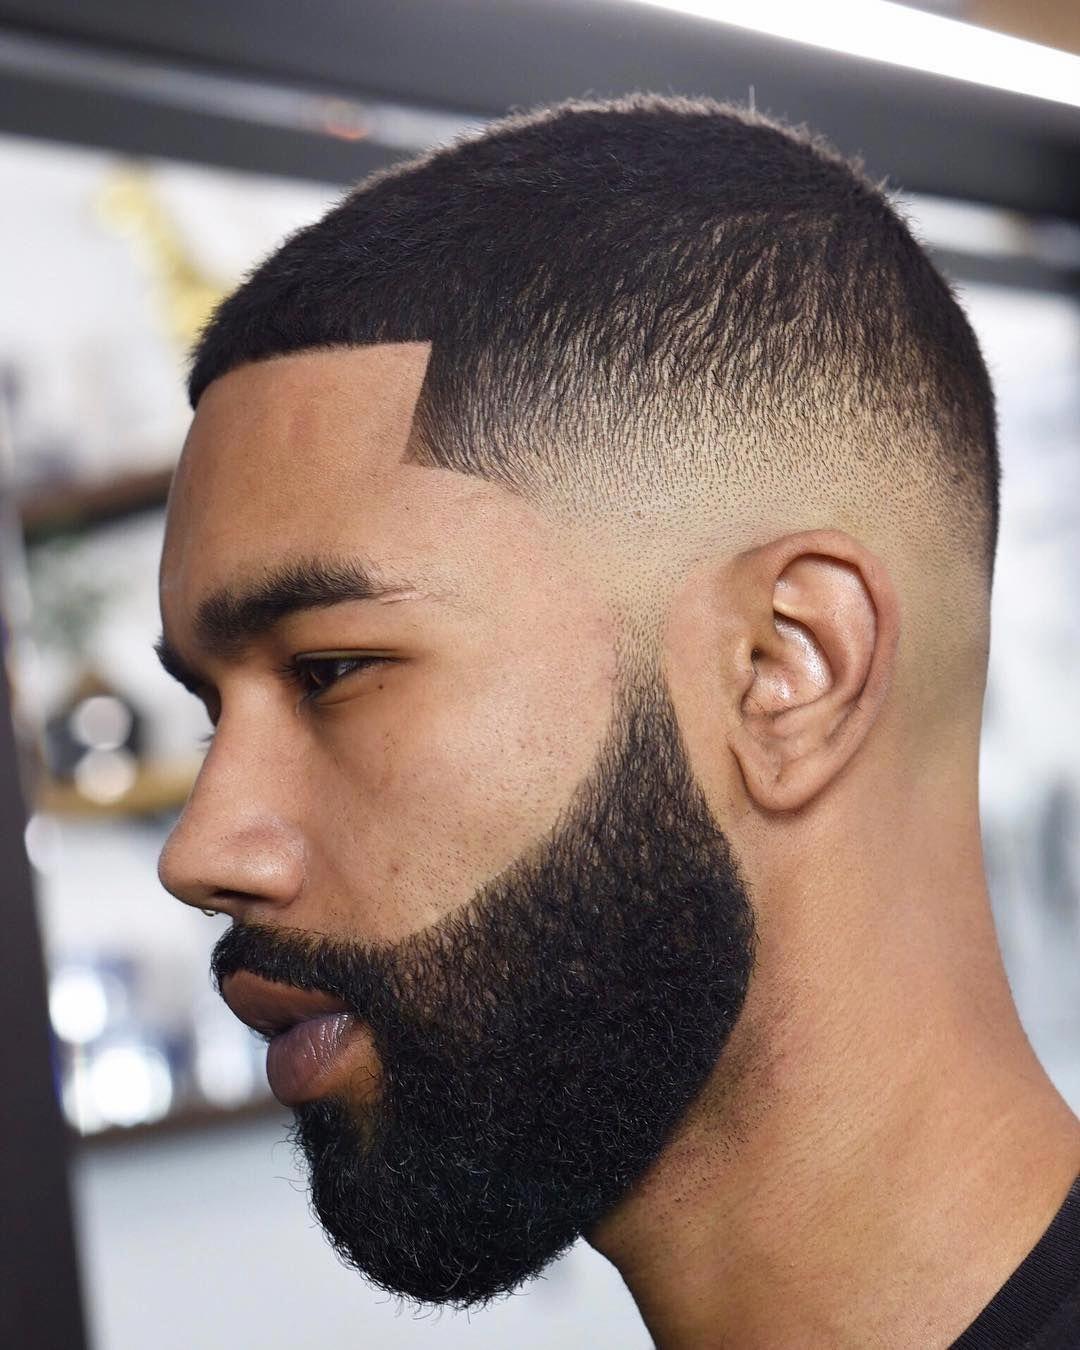 Mid Fade Midfade Haircut Menshairstyles Mens Haircuts Fade Beard Haircut Medium Fade Haircut